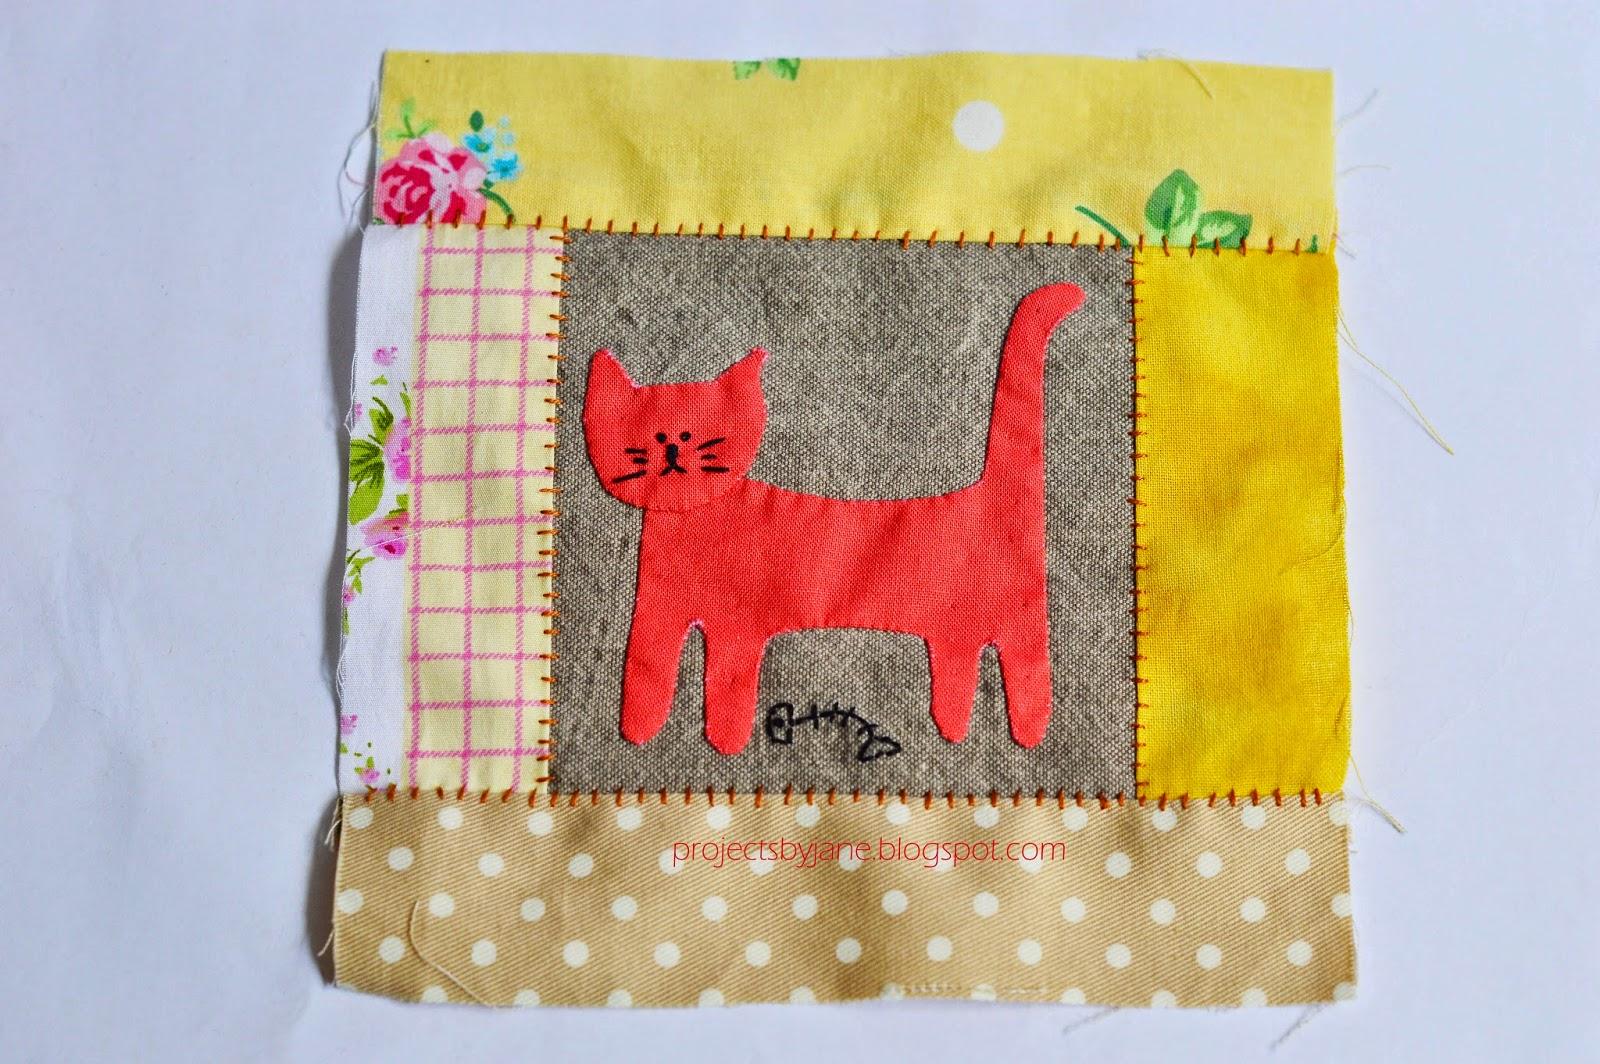 http://4.bp.blogspot.com/-KUZQPG4AuOg/VRkHS2S6XEI/AAAAAAAADOc/bFK0Z2GINm4/s1600/cat%2Bcollage.jpg